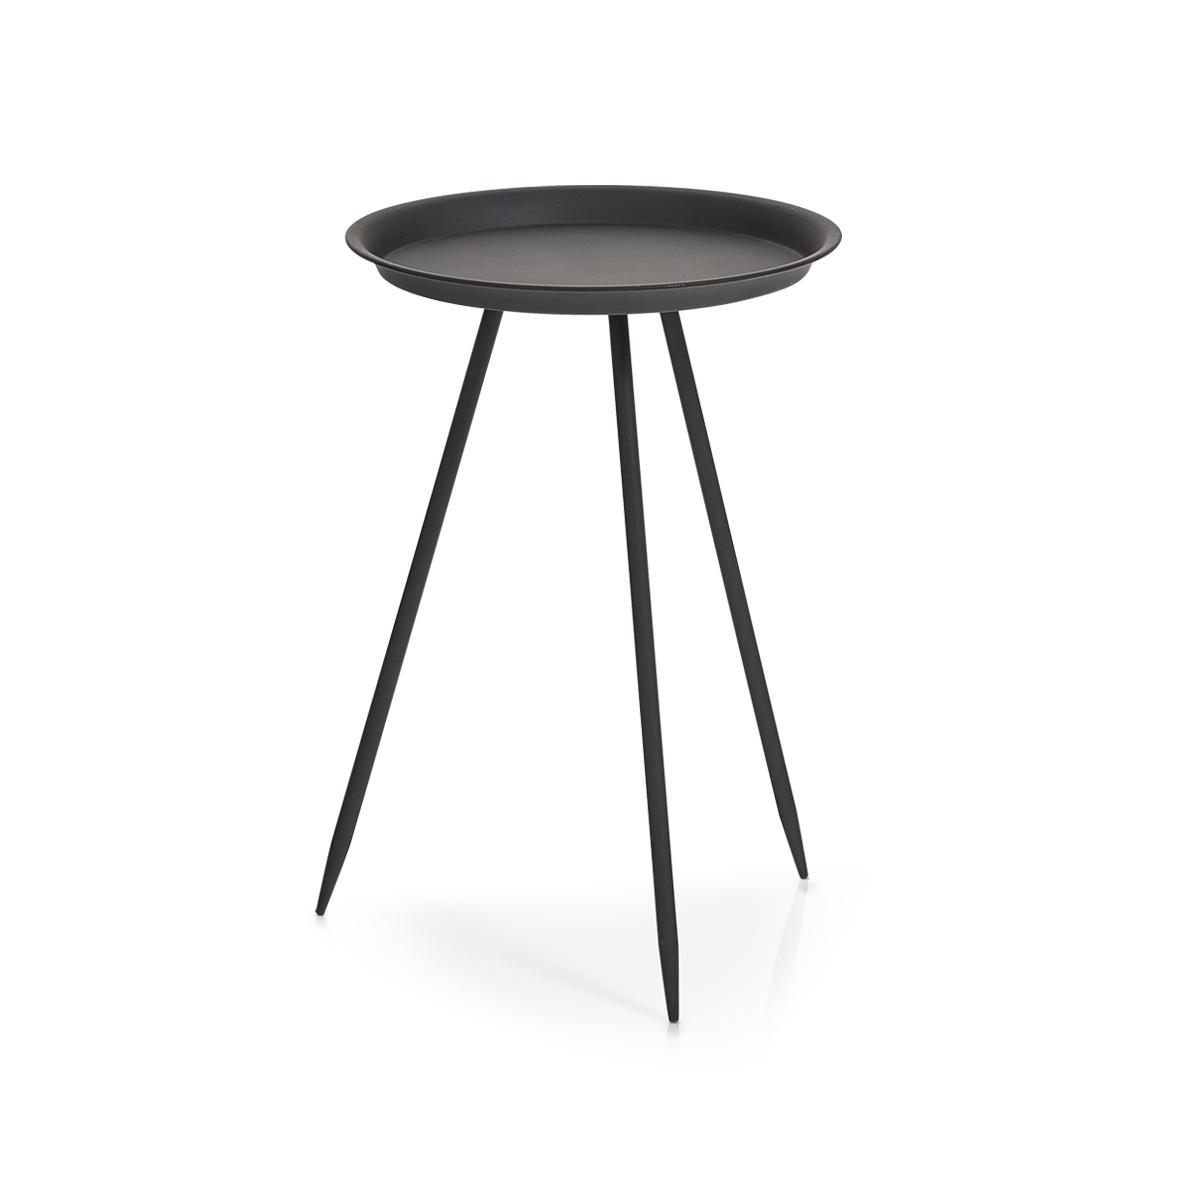 Masuta de cafea Space, Metal Black, Ø 29,5xH44 cm imagine